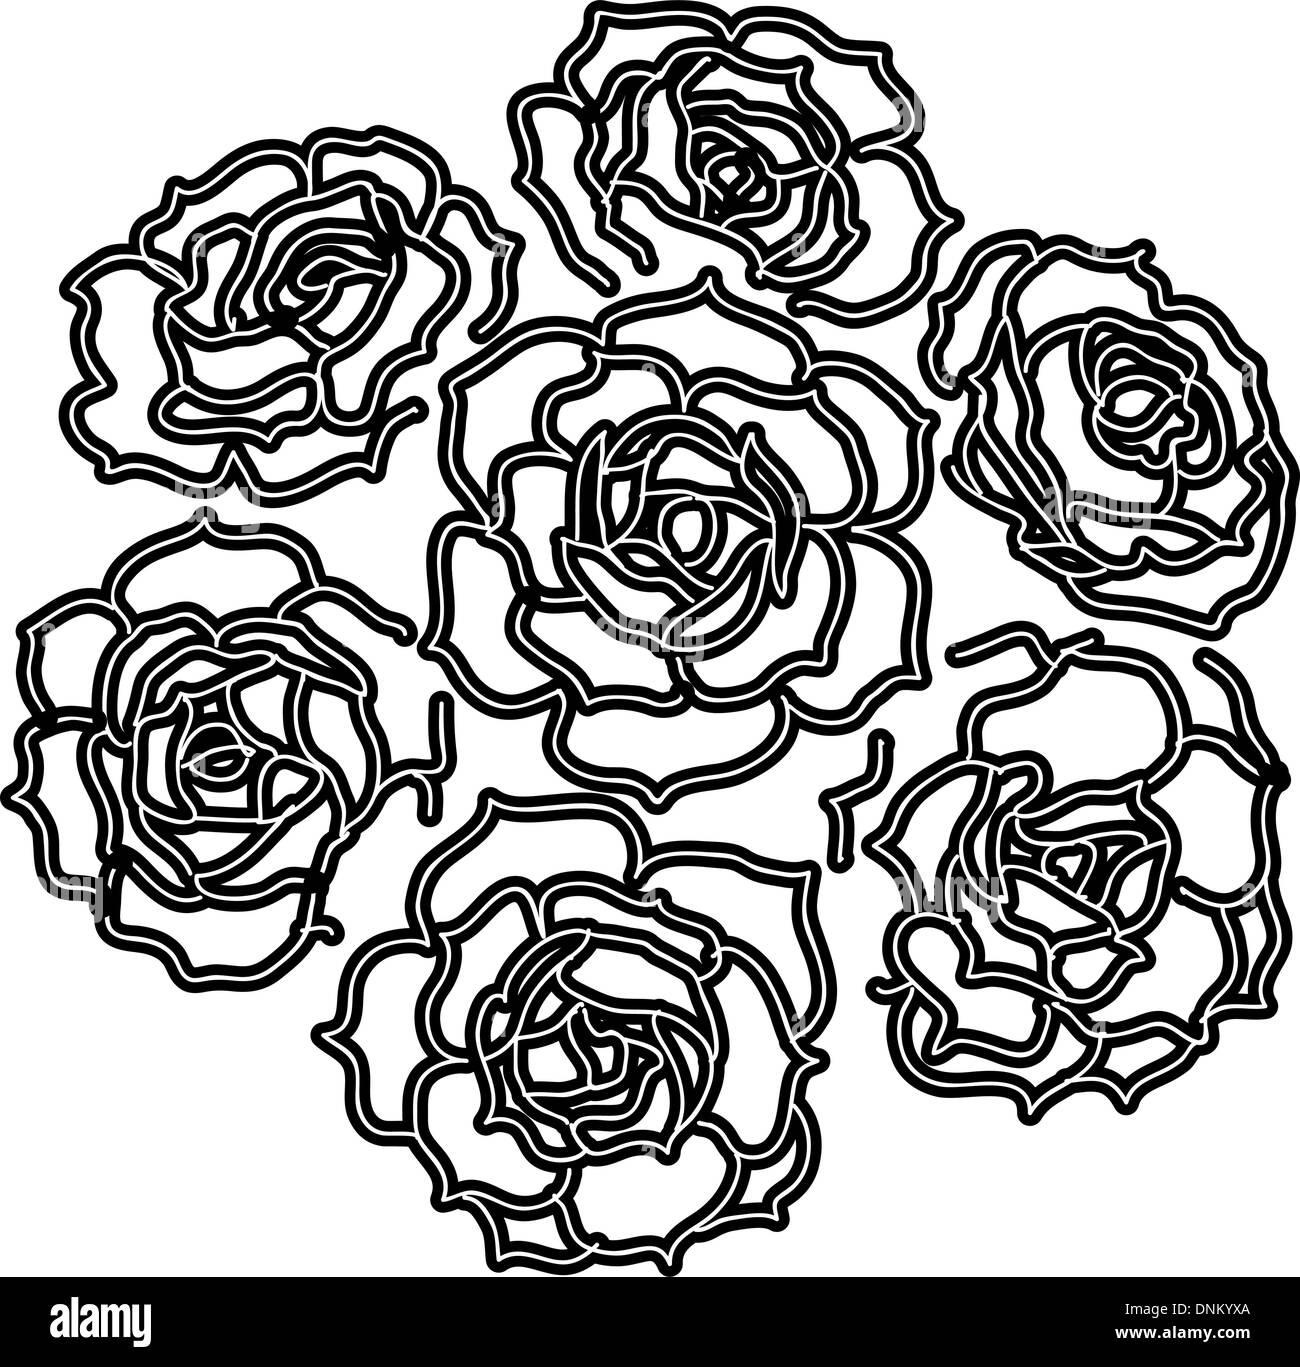 Großen Strauß Rosen. Vektor Stockbild